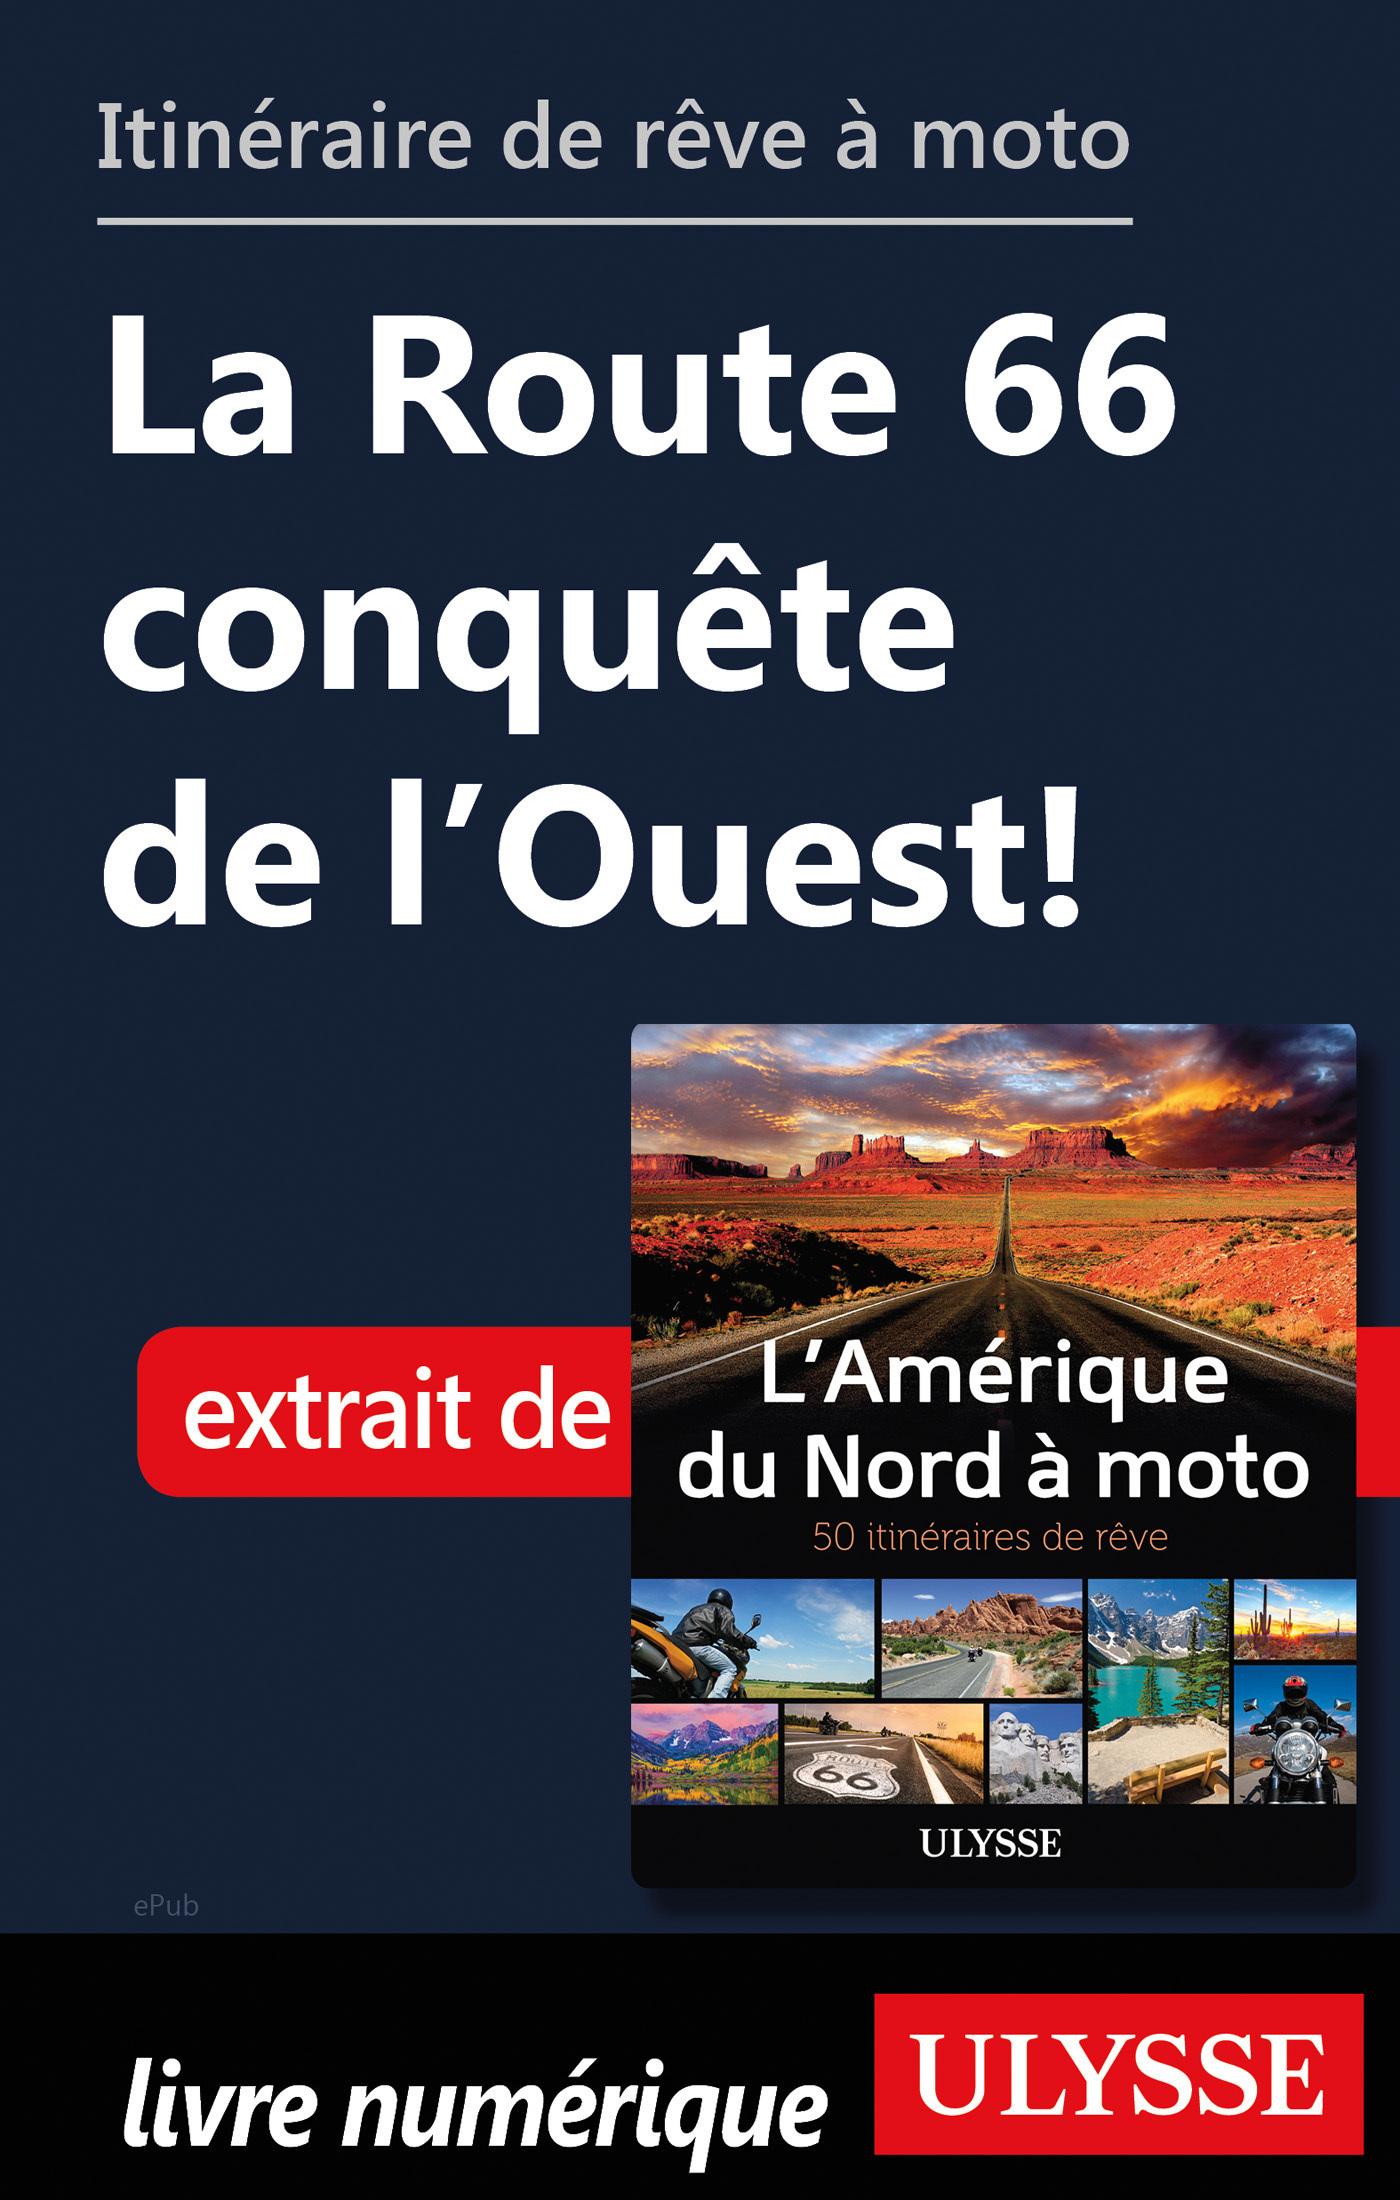 Itinéraire de rêve à moto - La Route 66 conquête de l'Ouest !